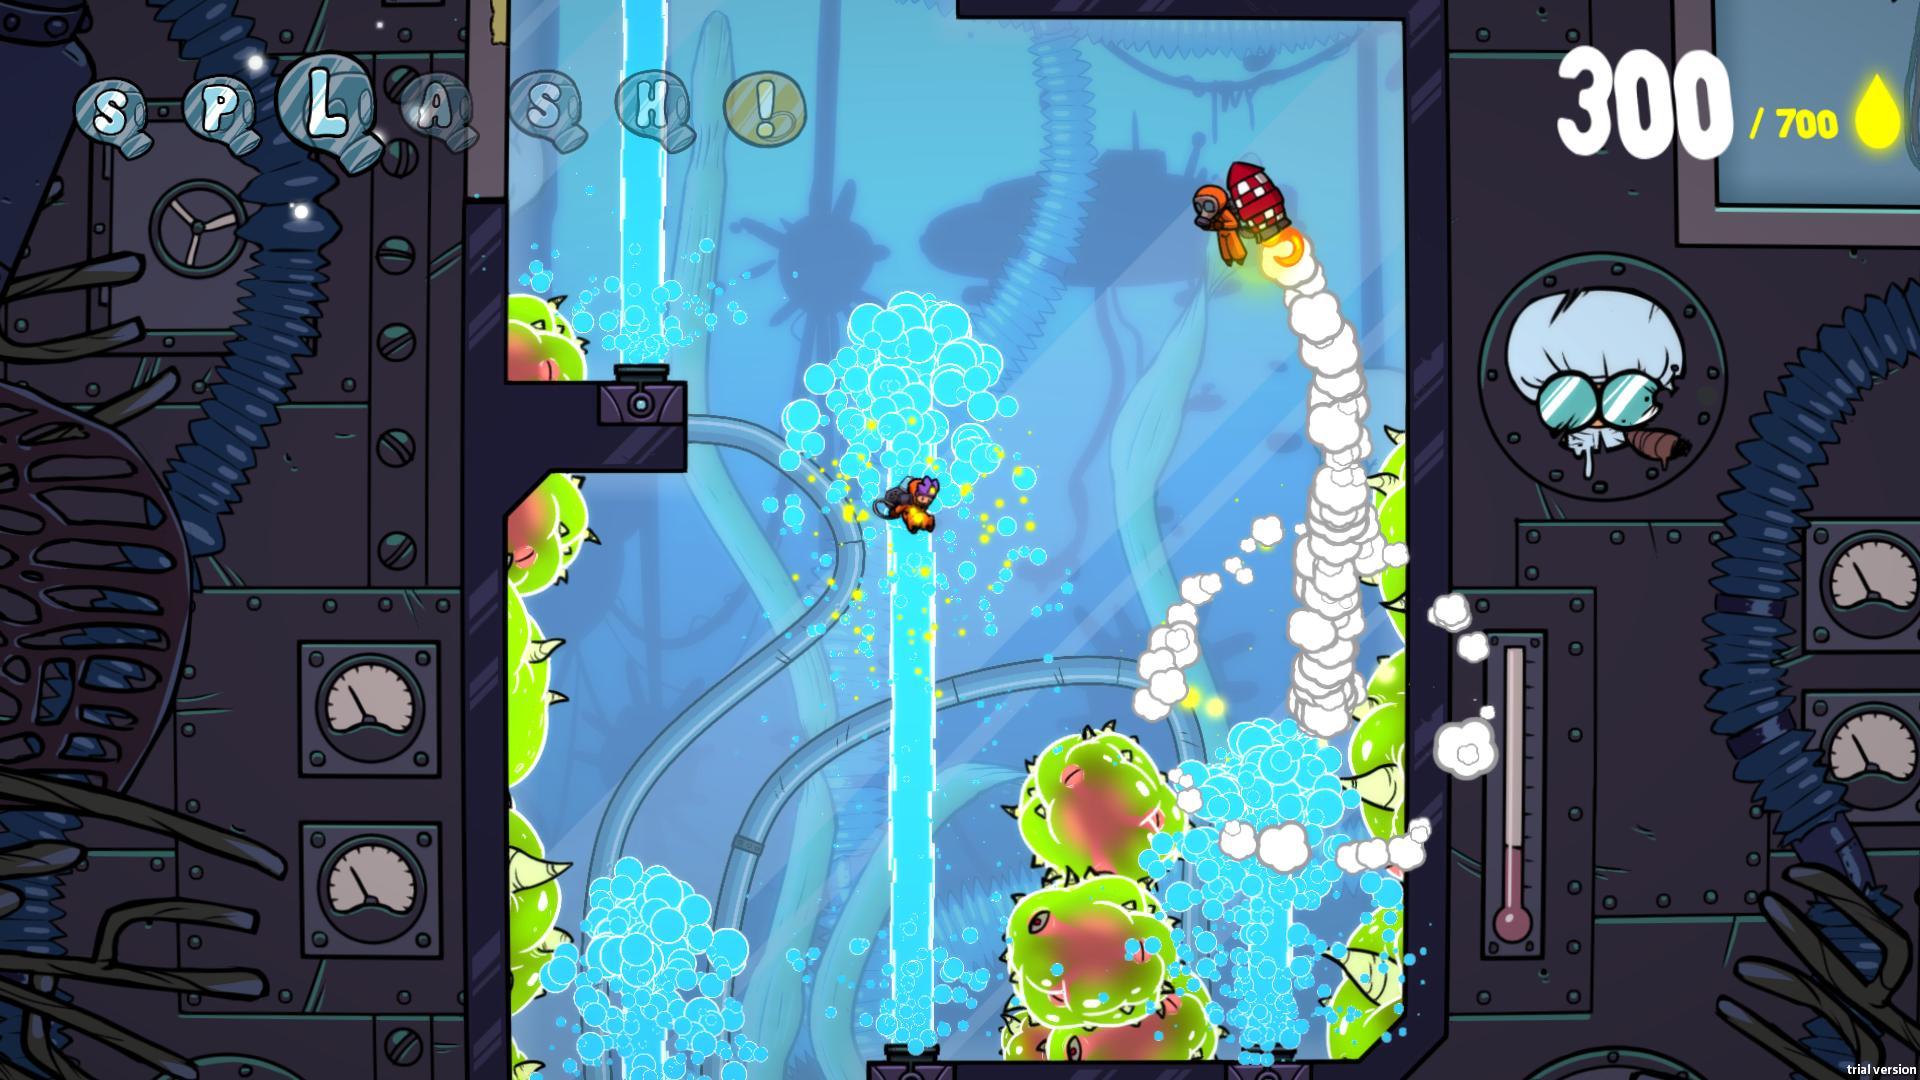 Splasher Screenshot 2